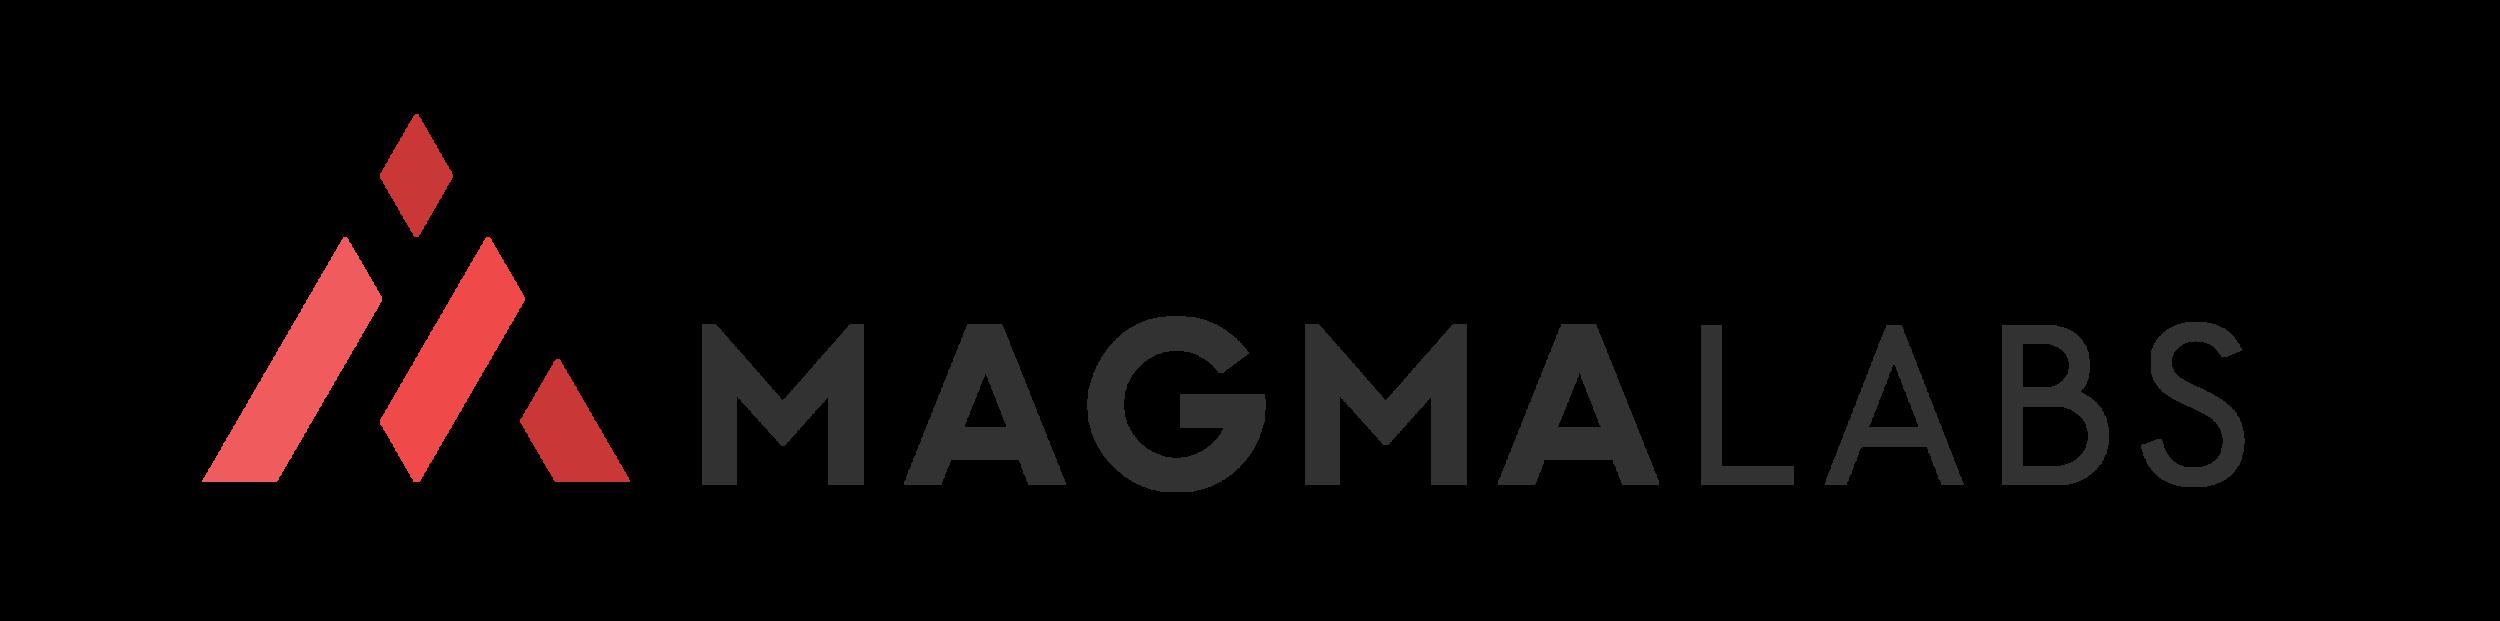 magmalabs-logo-variants-01.png